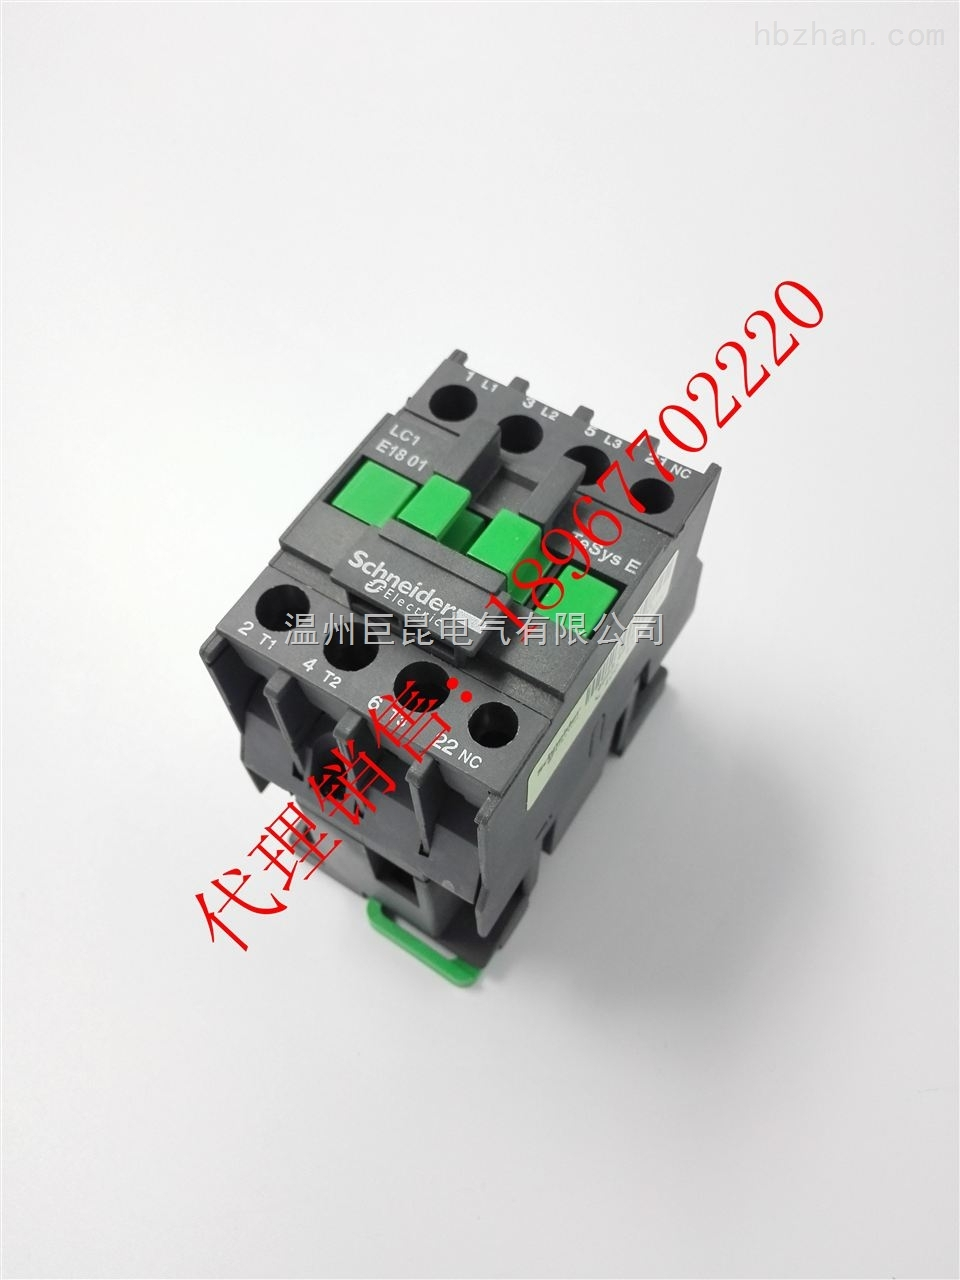 lc1e1810m5n-施耐德交流接触器lc1e1810m5n